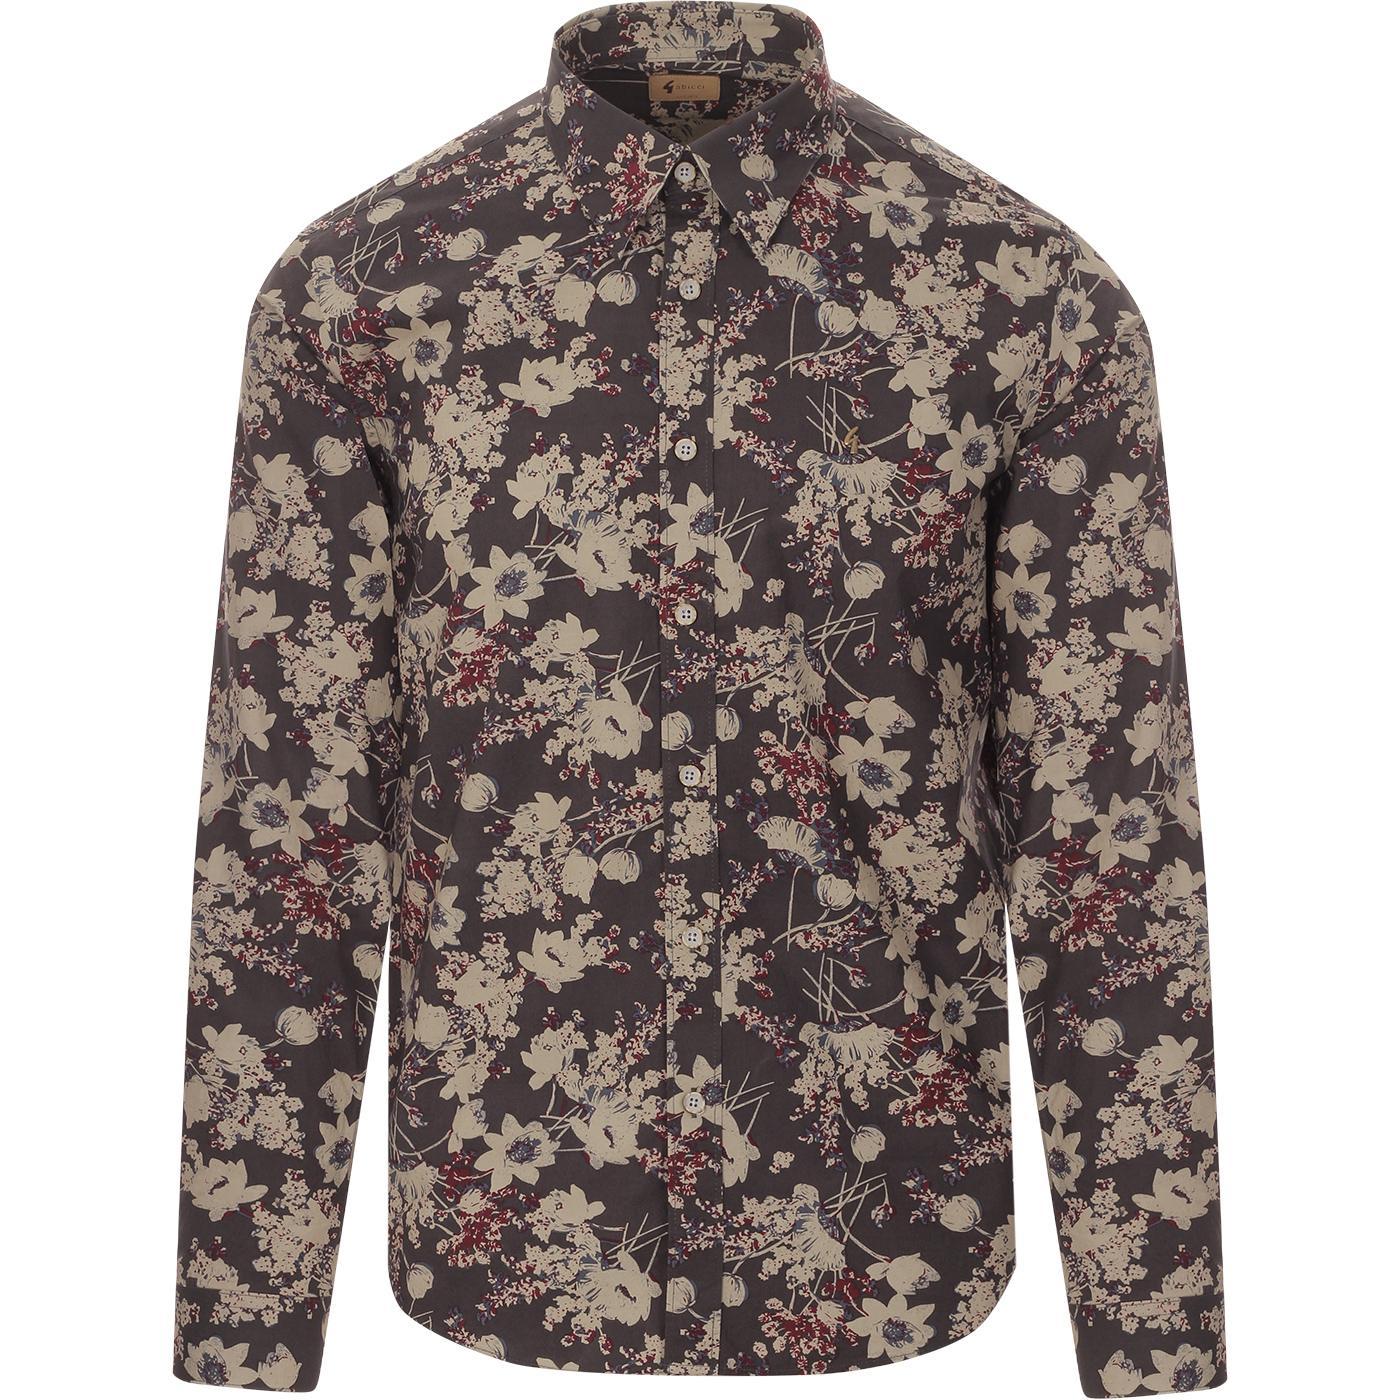 Keitel GABICCI VINTAGE 60s Mod Floral Shadow Shirt